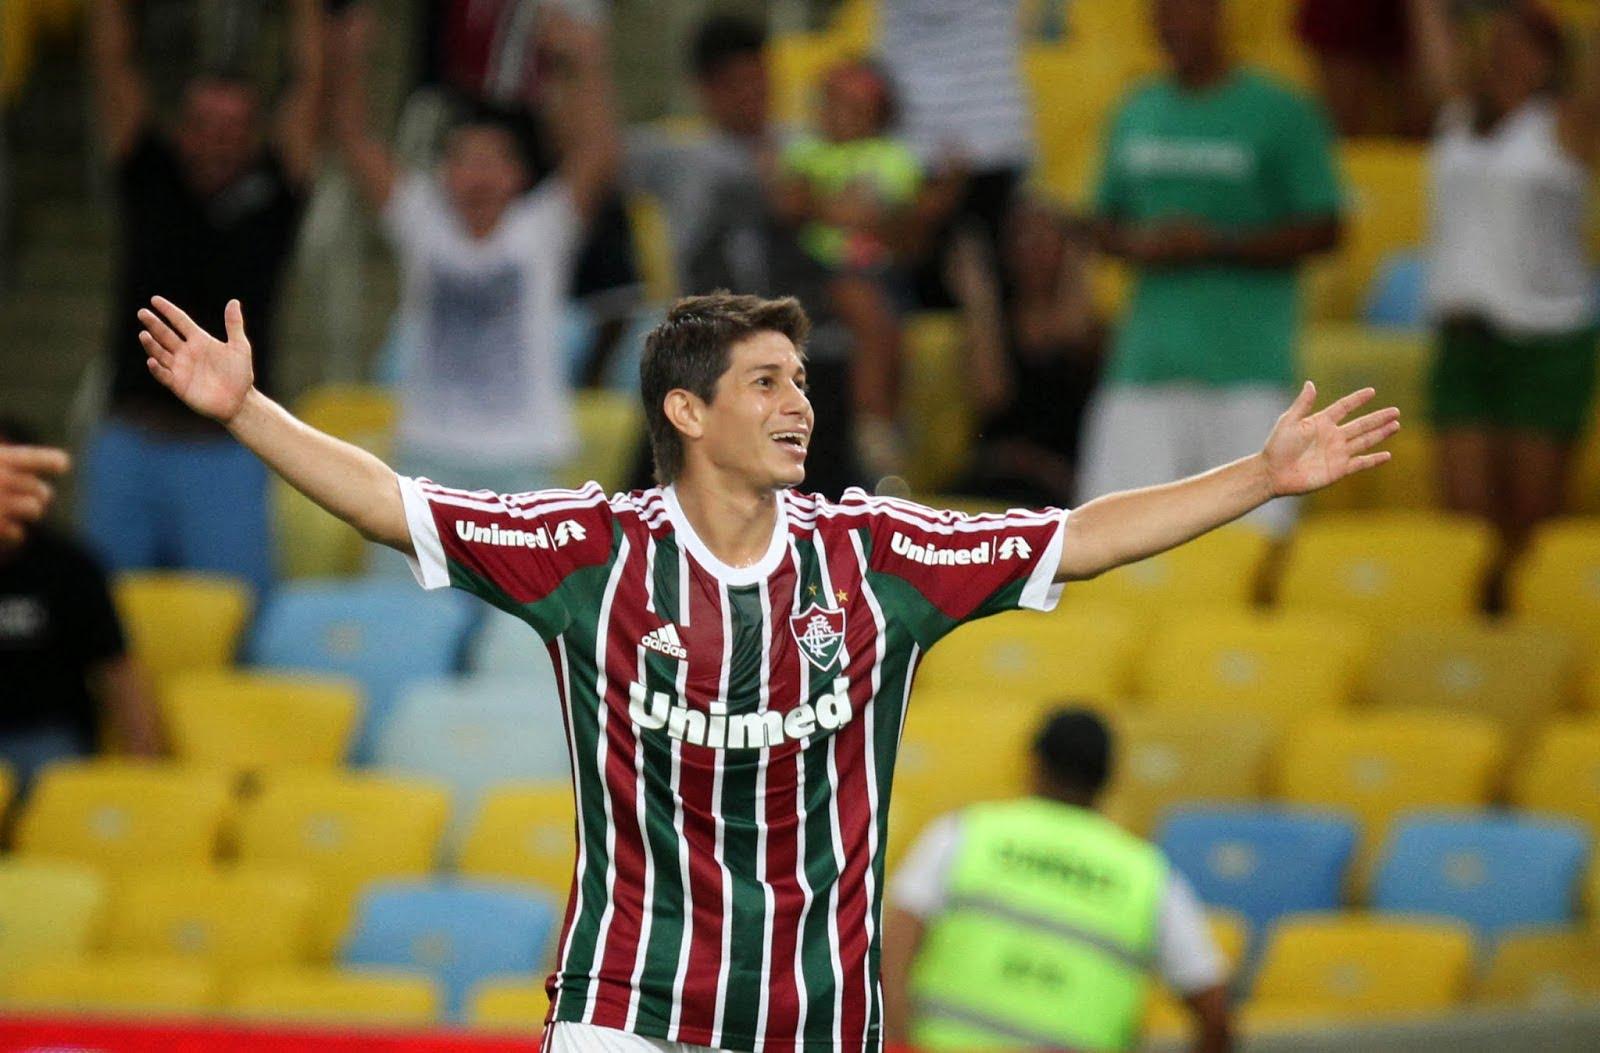 Dario Conca regressou ao Fluminense depois de uma lucrativa passagem pela China  Fonte: statspes.blogspot.com